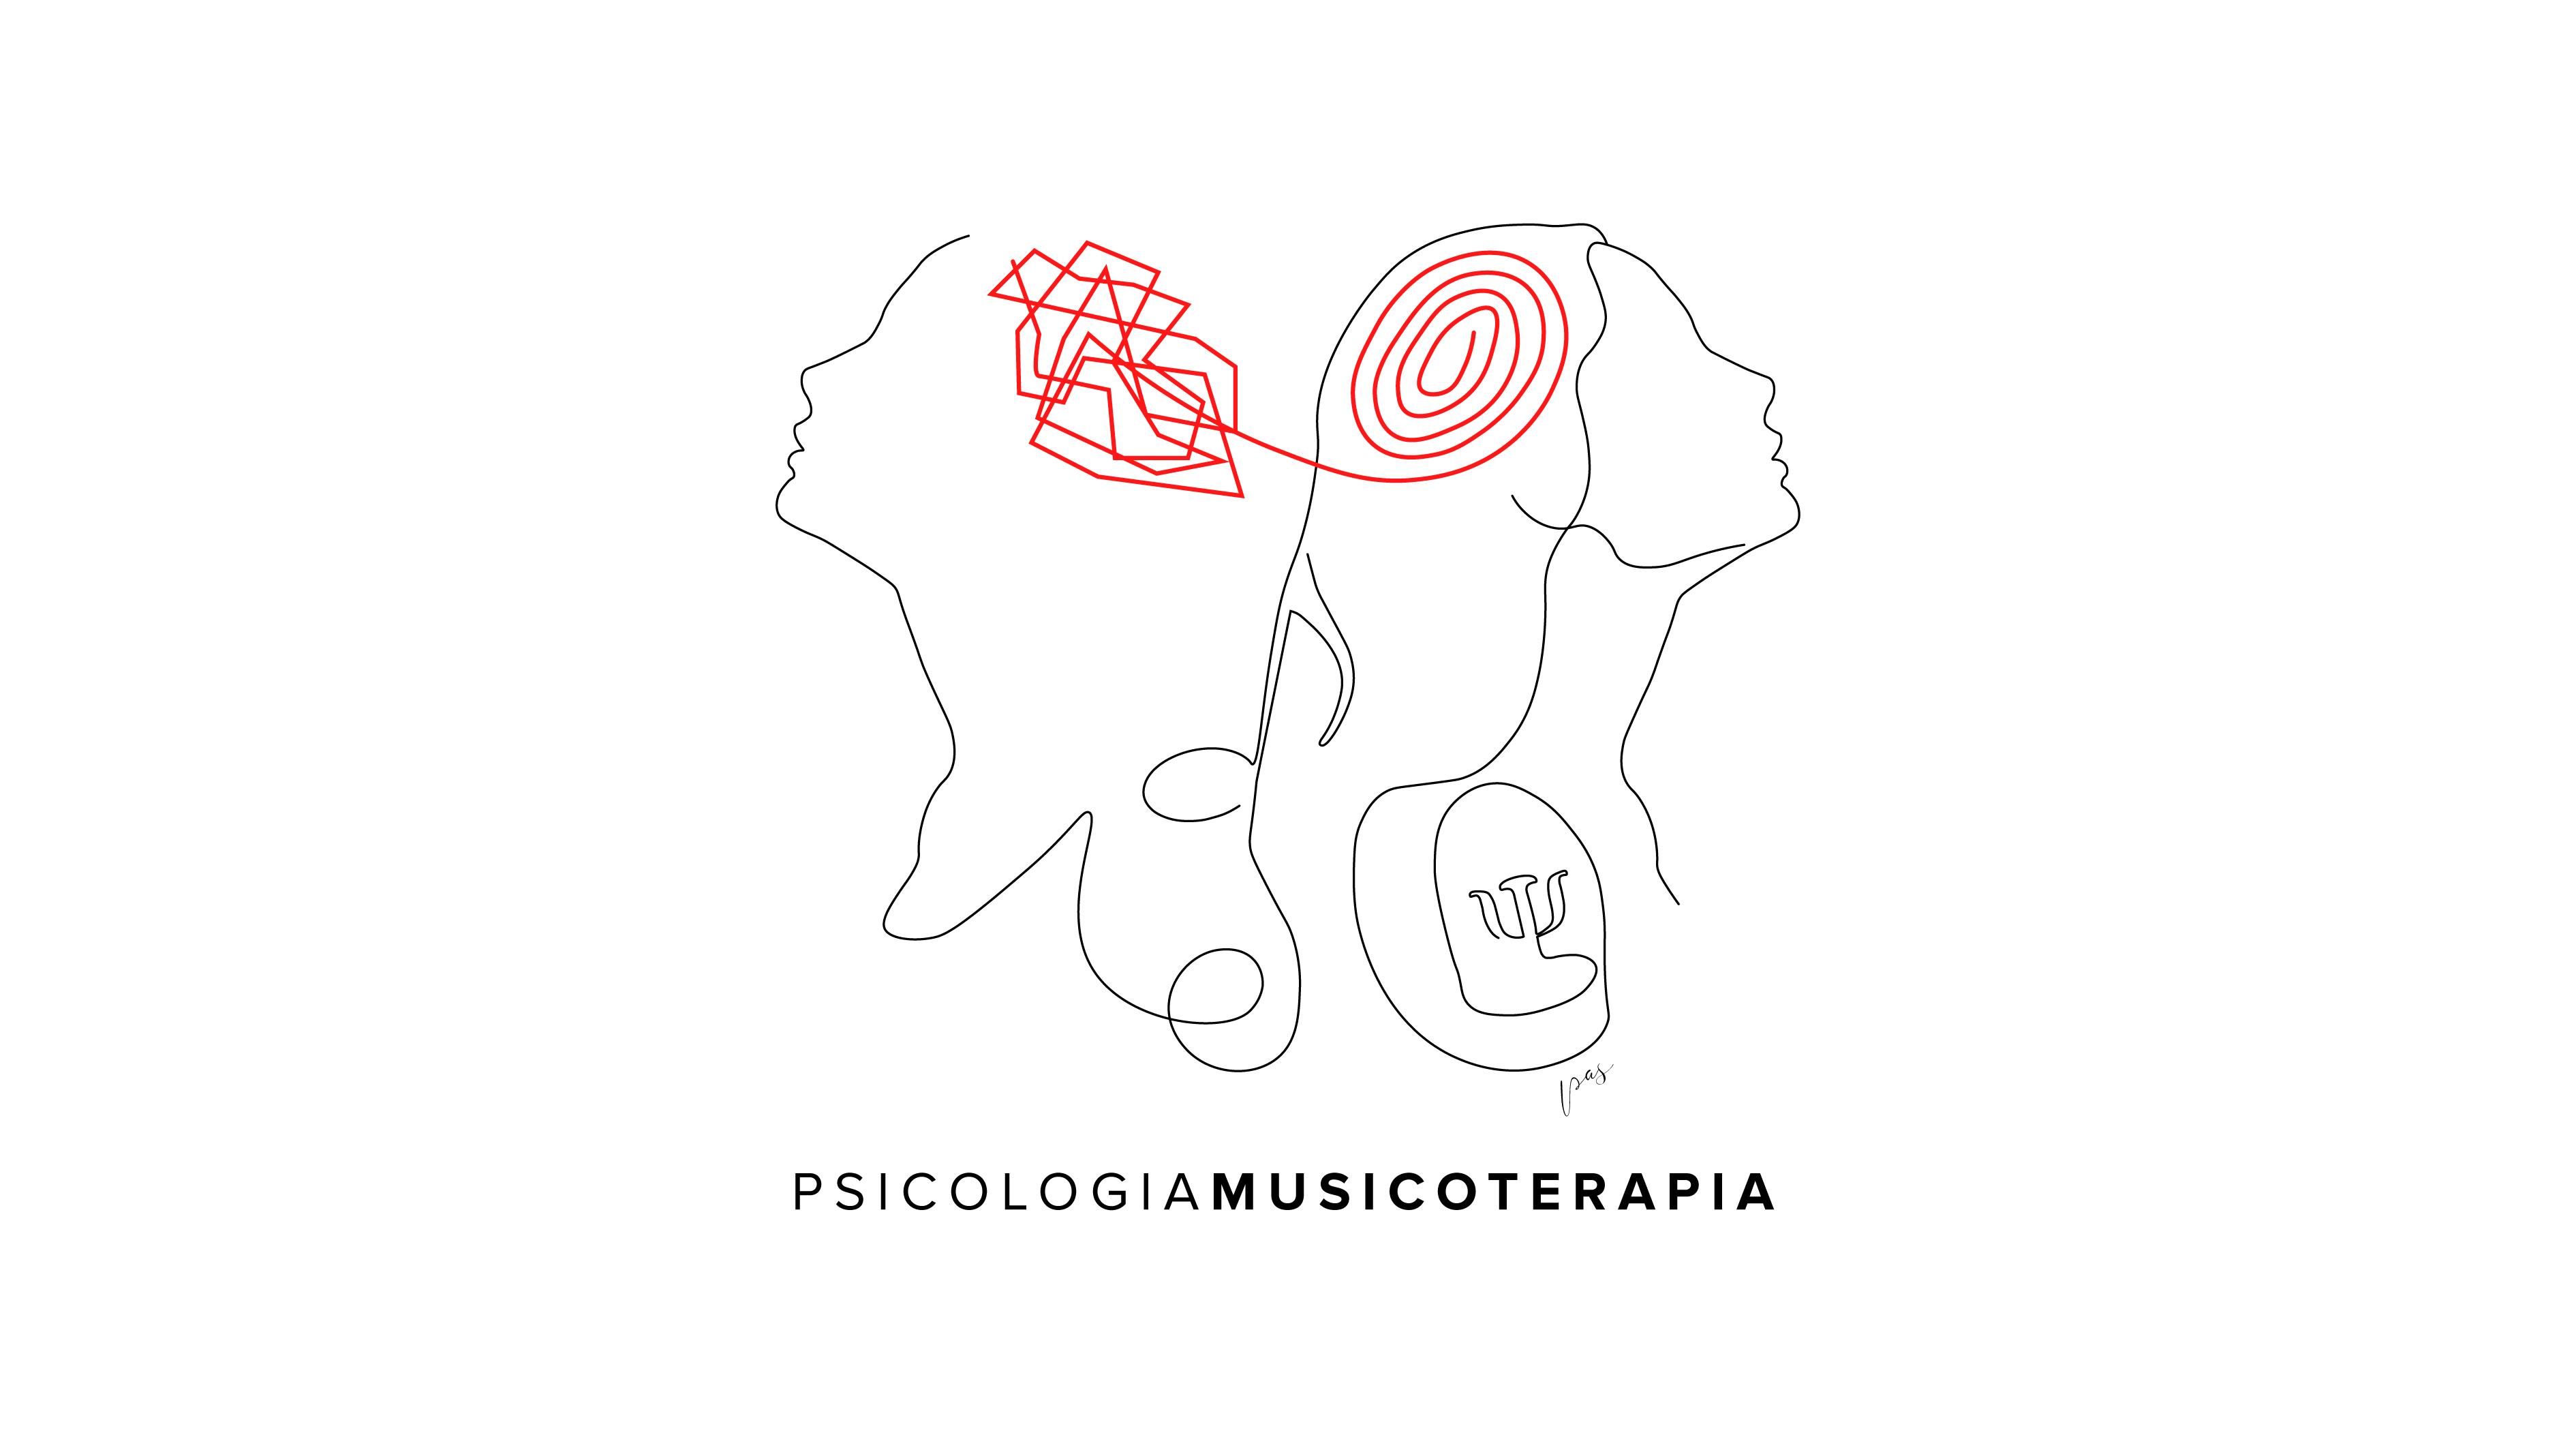 Psicologia e Musicoterapia